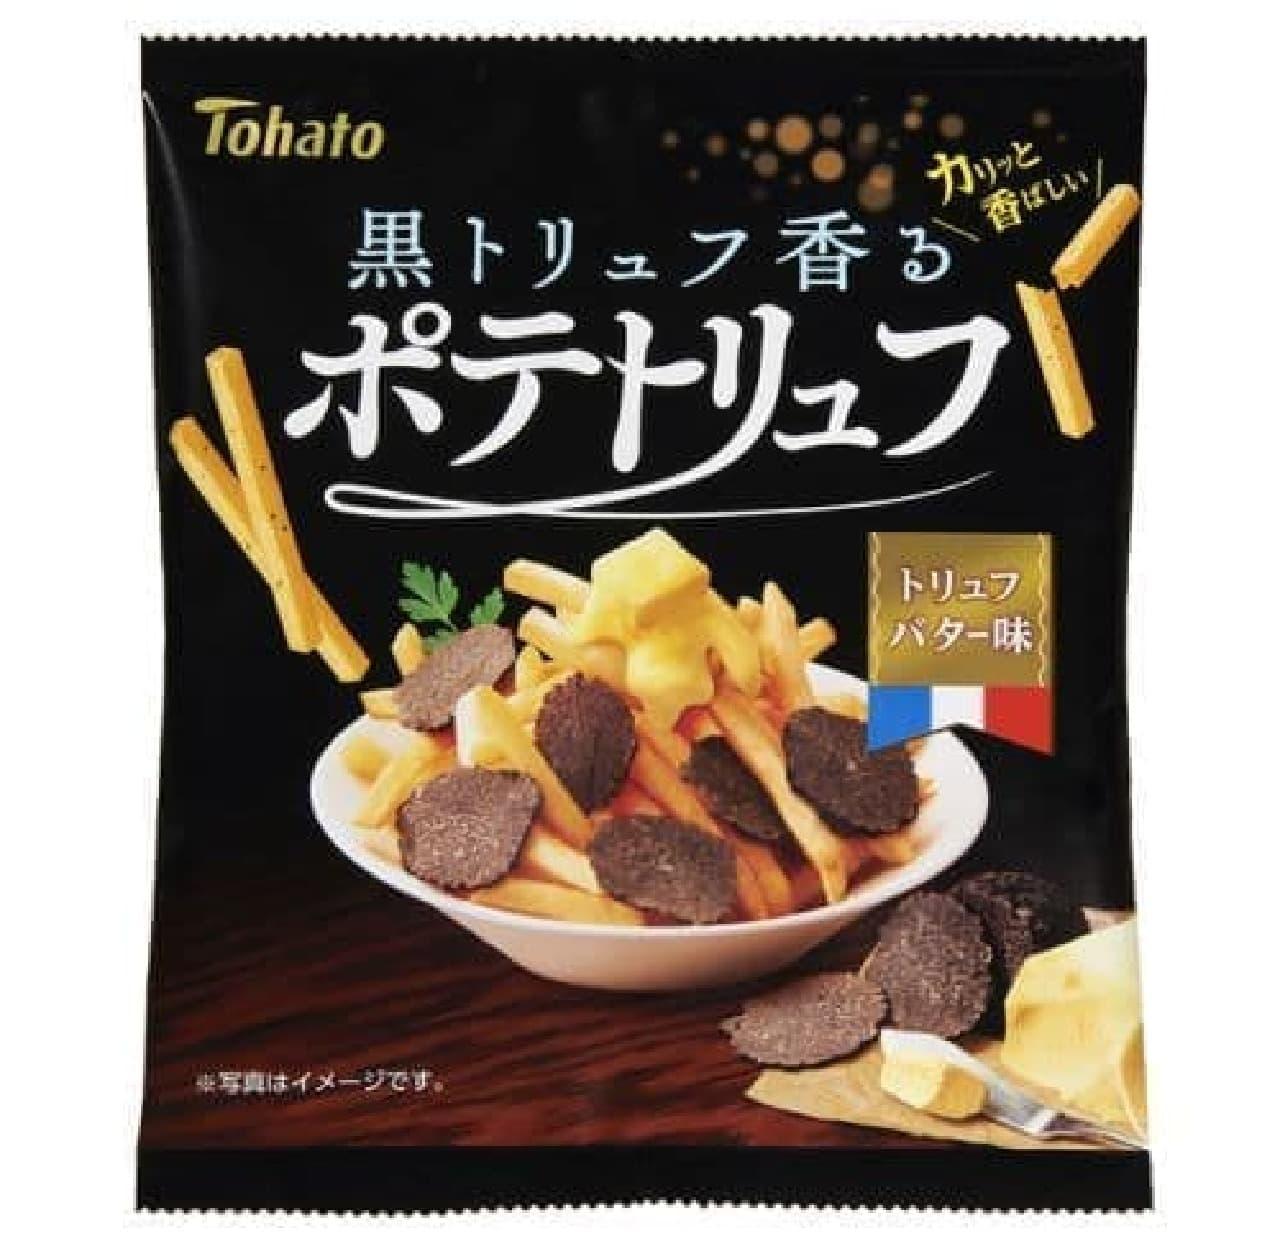 ポテトリュフ・トリュフバター味は、黒トリュフ塩を使用したスナック